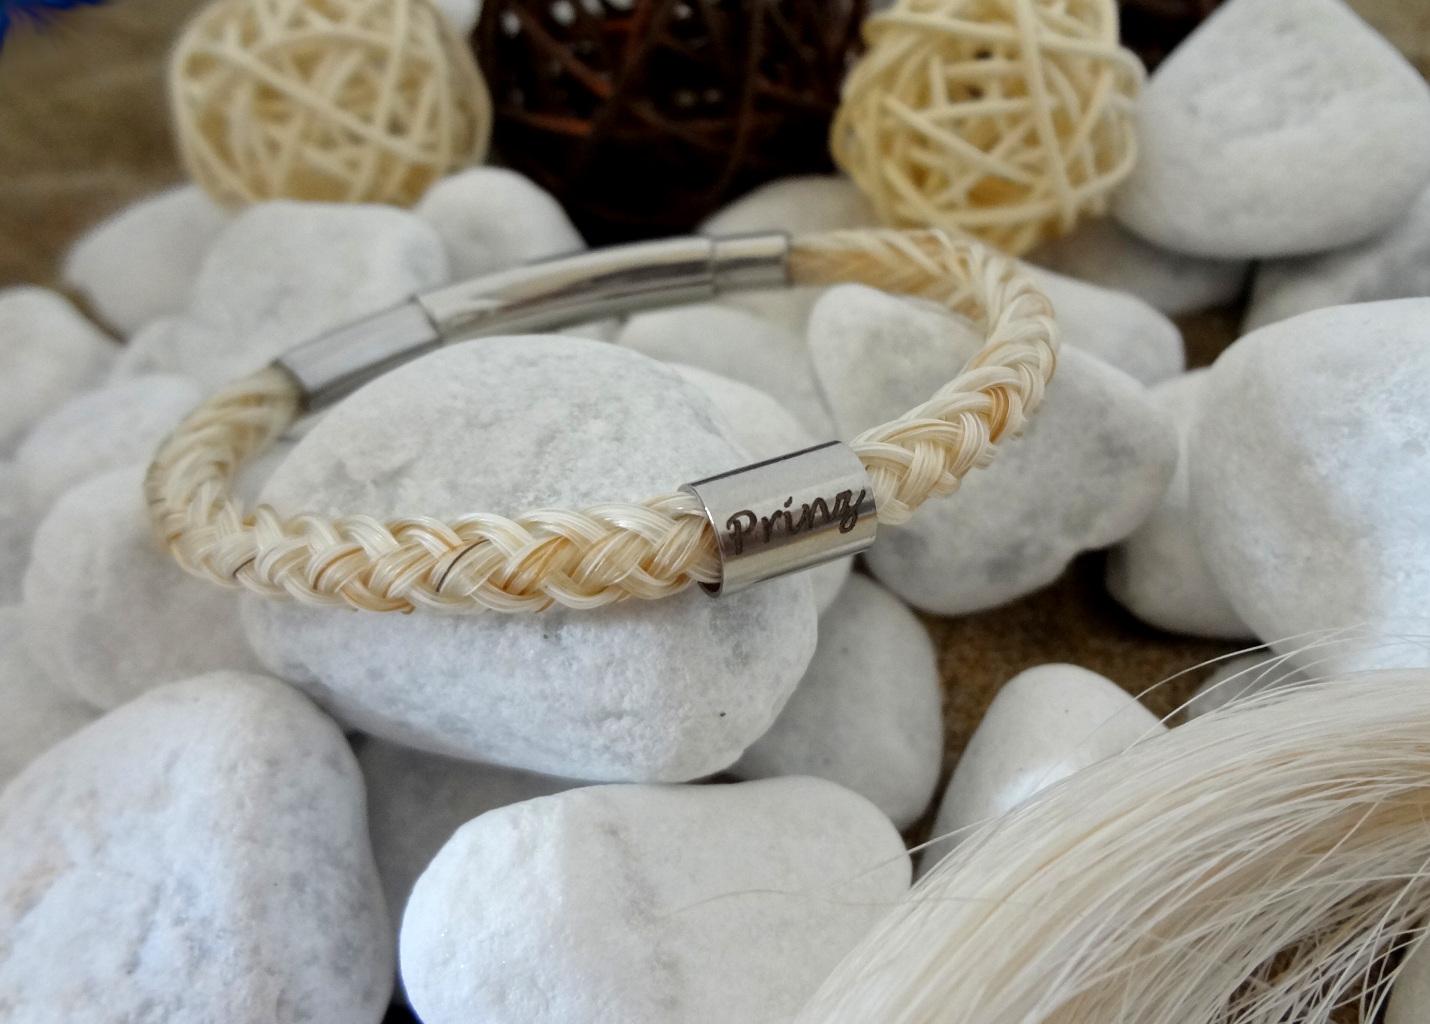 R8-Gravur-Edelstahlhülse (dick): Rund geflochtenes Armband aus 8 weißen Strängen mit einzelnen dunkleren Haaren, mit einer dicken Edelstahlhülse mit Gravur - mit verstellbarem Edelstahl-Bajonettverschluss - Preis: 64 Euro